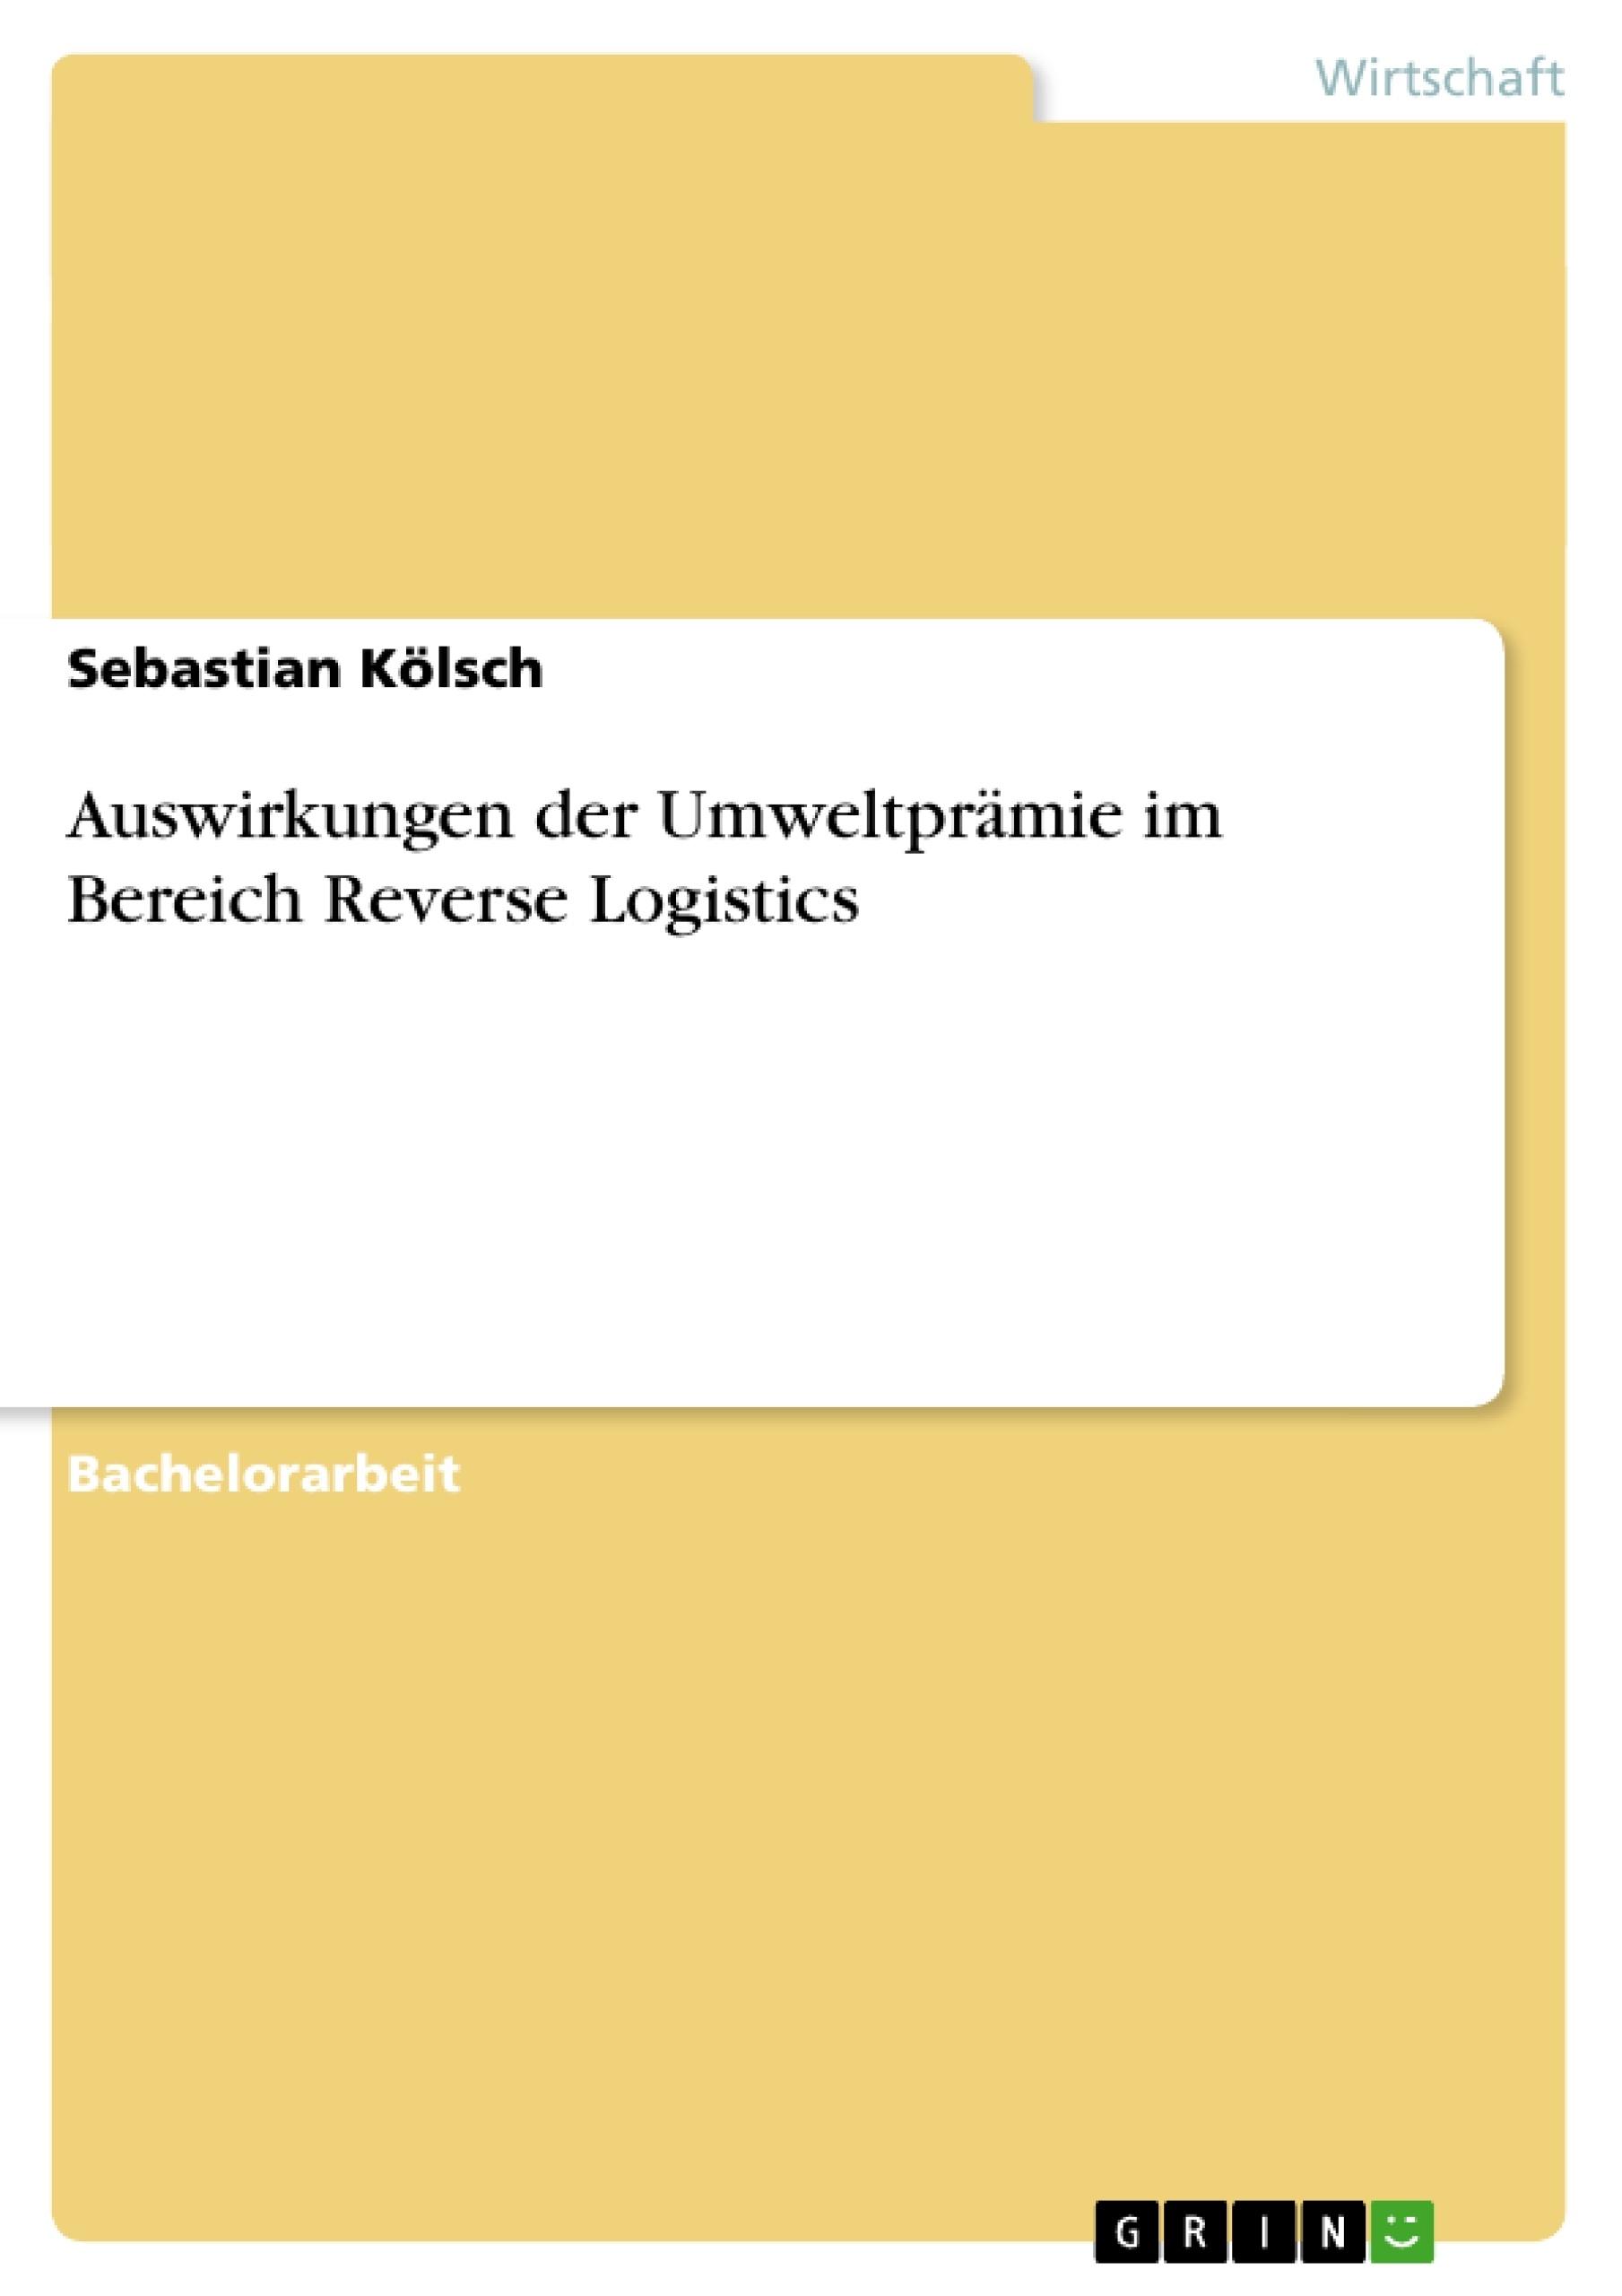 Titel: Auswirkungen der Umweltprämie im Bereich Reverse Logistics